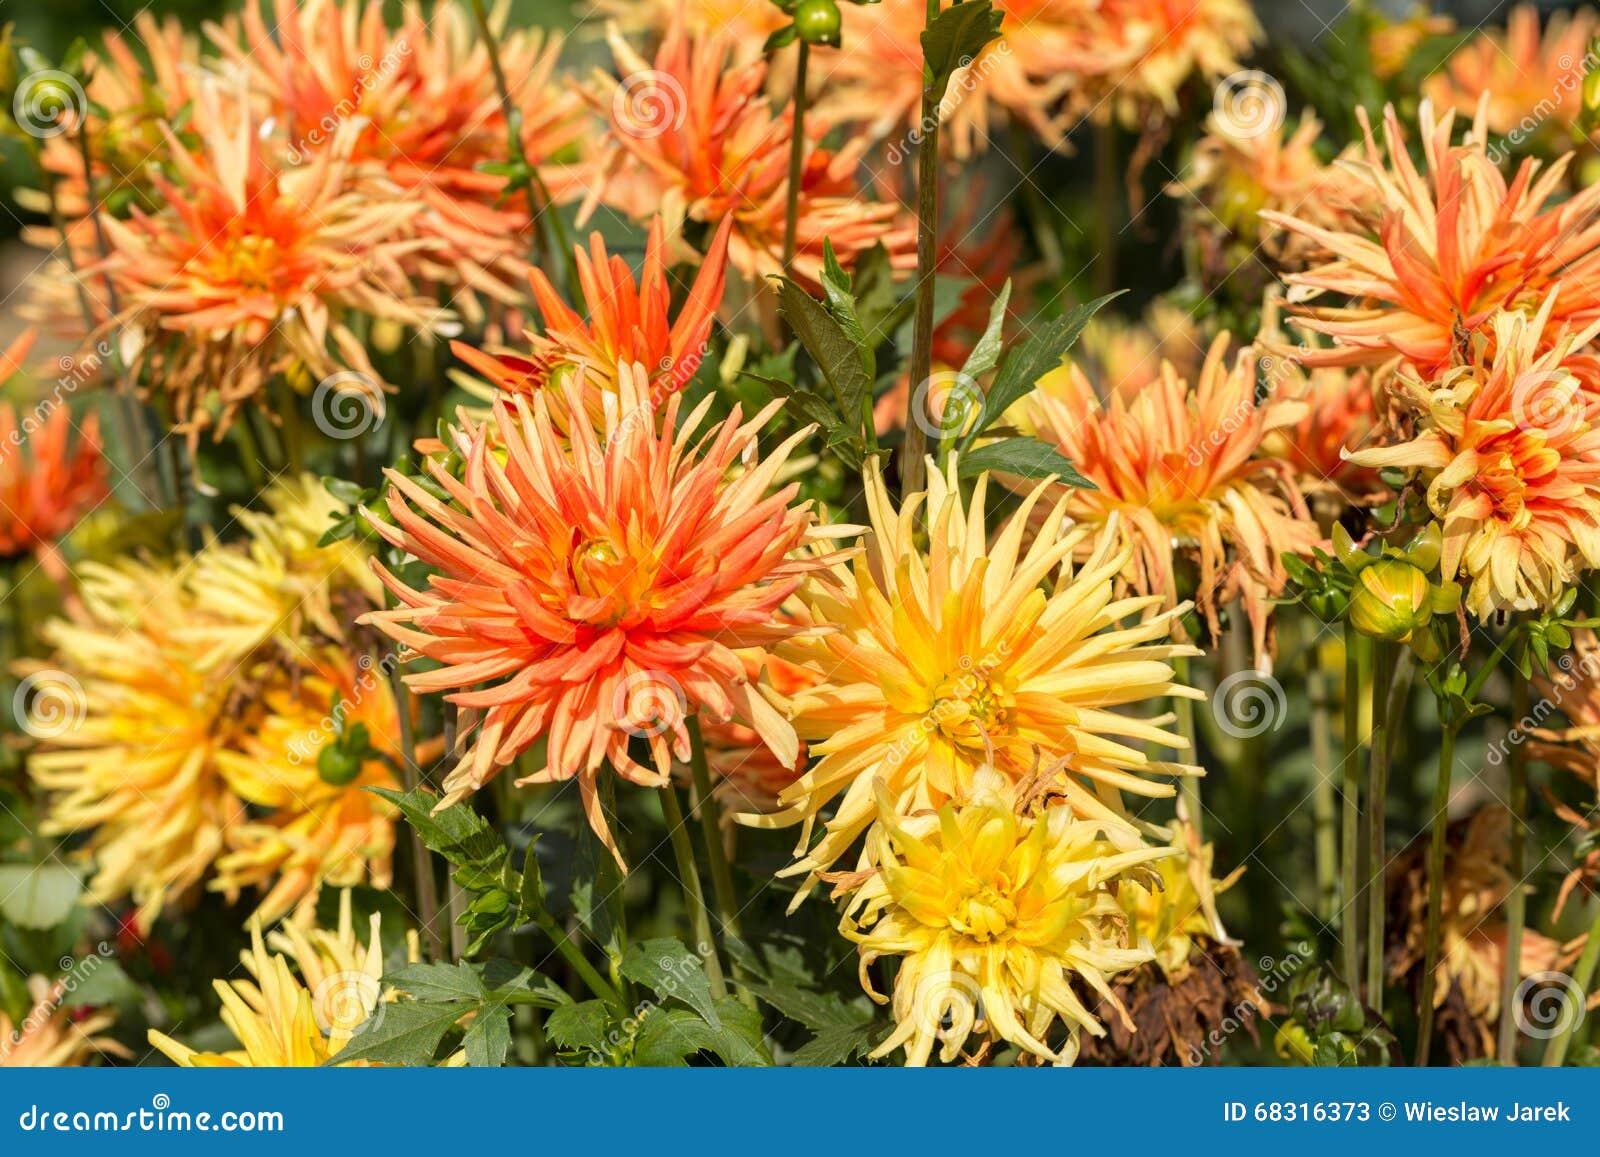 fleur jaune et orange de dahlia dans le jardin photo stock - image